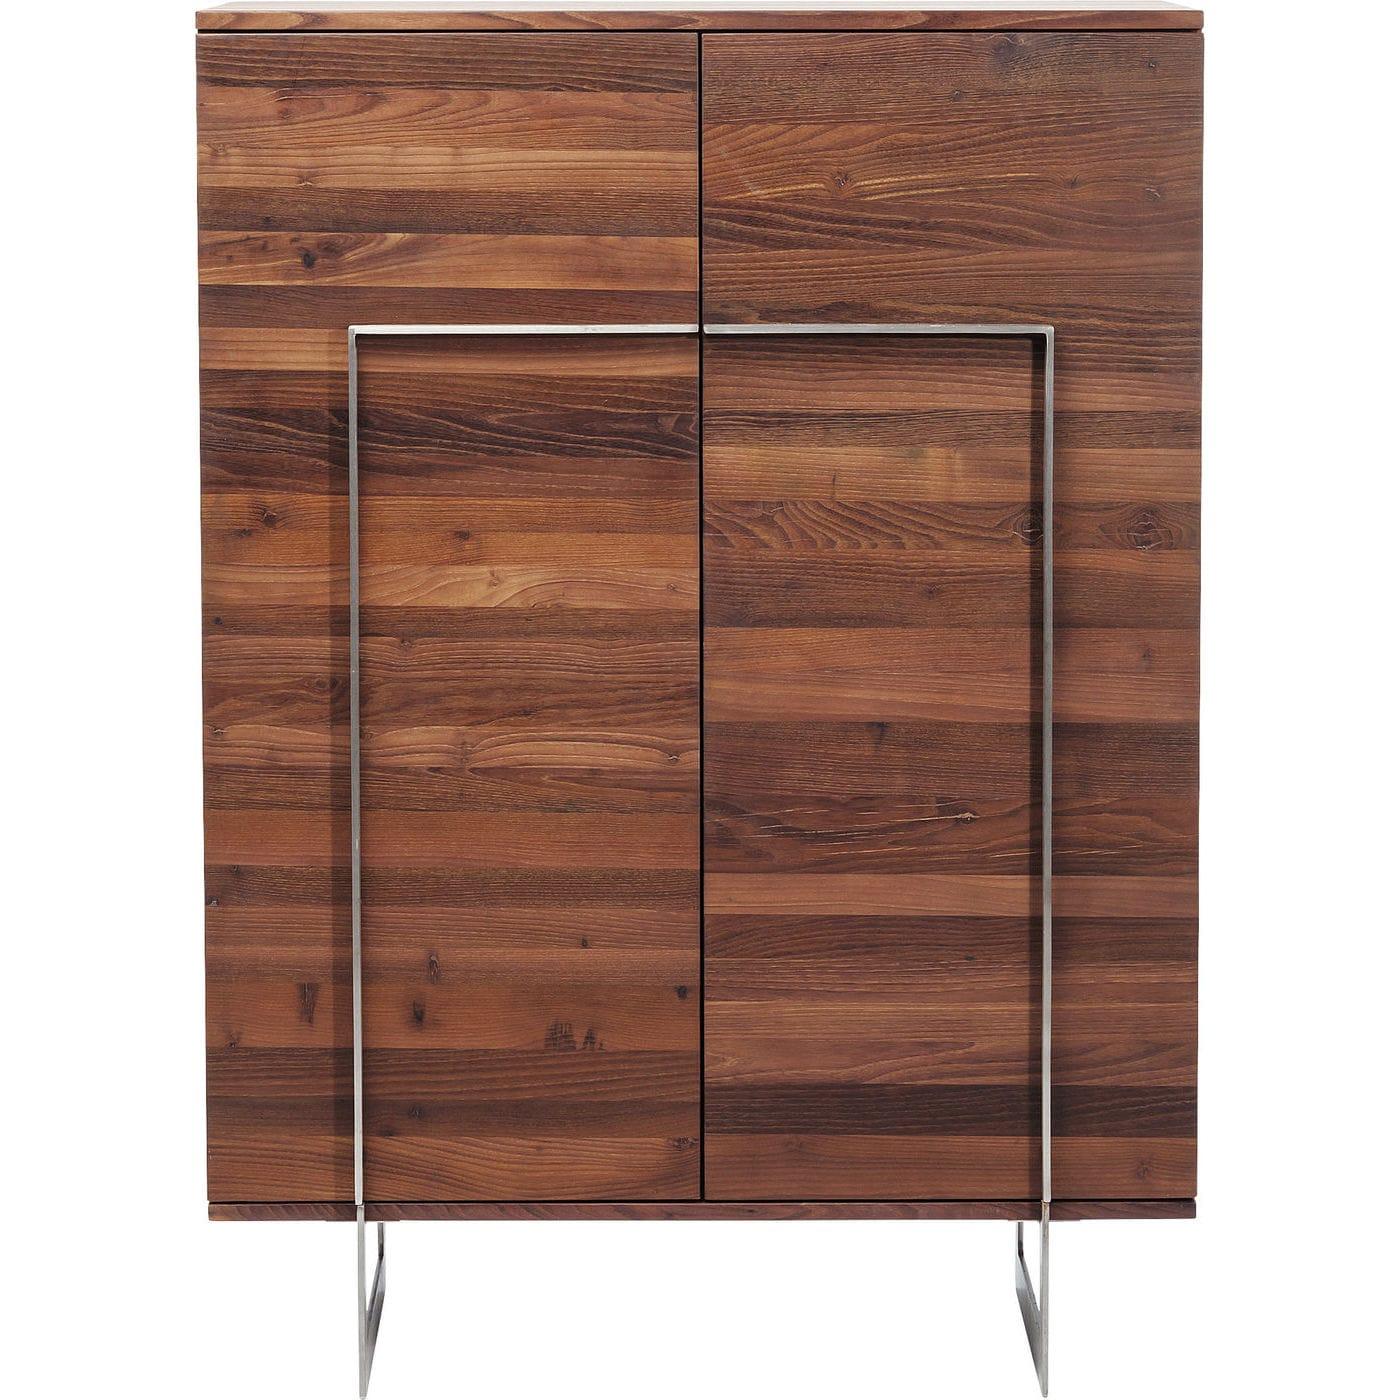 Image of   KARE DESIGN Kensington skab - brunt rubinietræ/sølv stål, m. 2 låger og 6 hylder